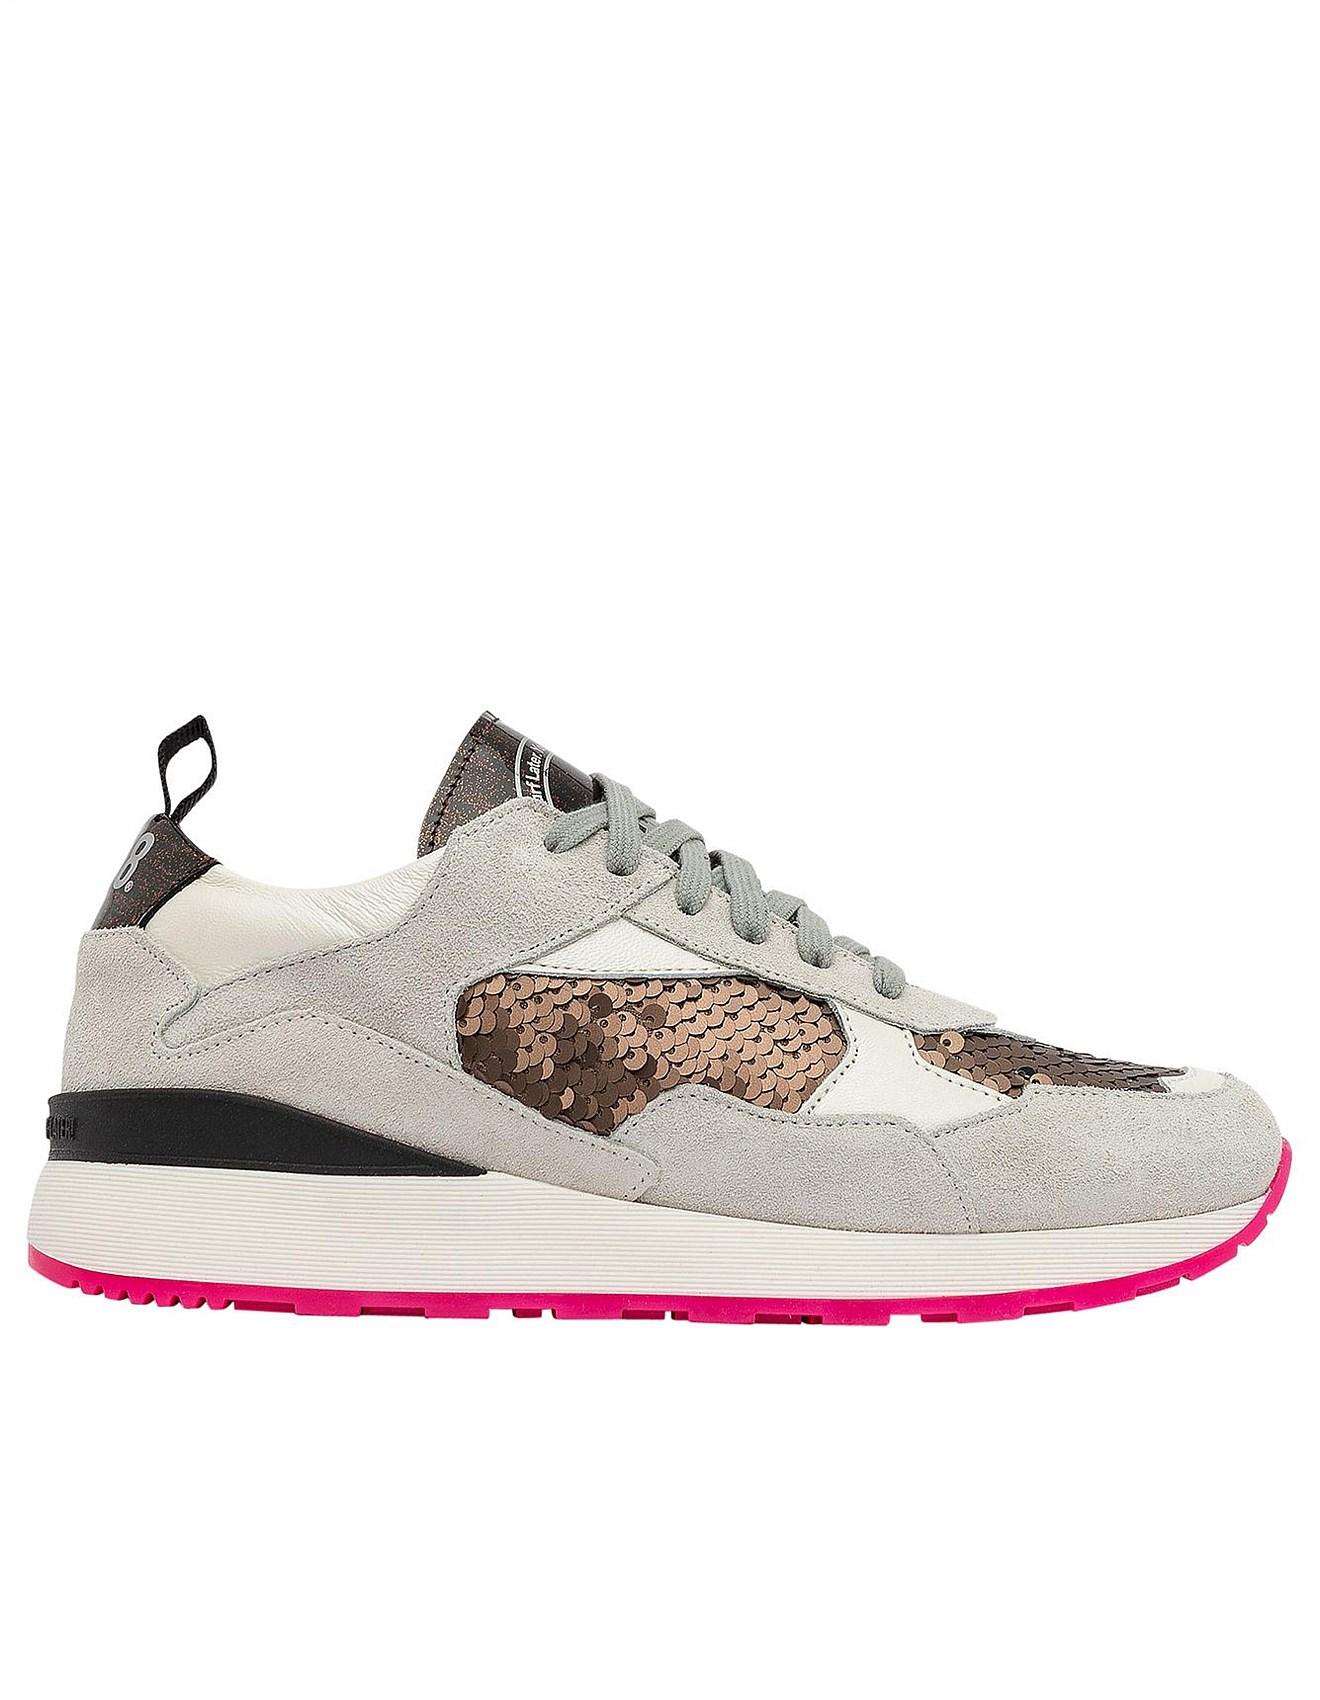 Women's Shoes & Sneakers | Women's Sneakers Online | David Jones